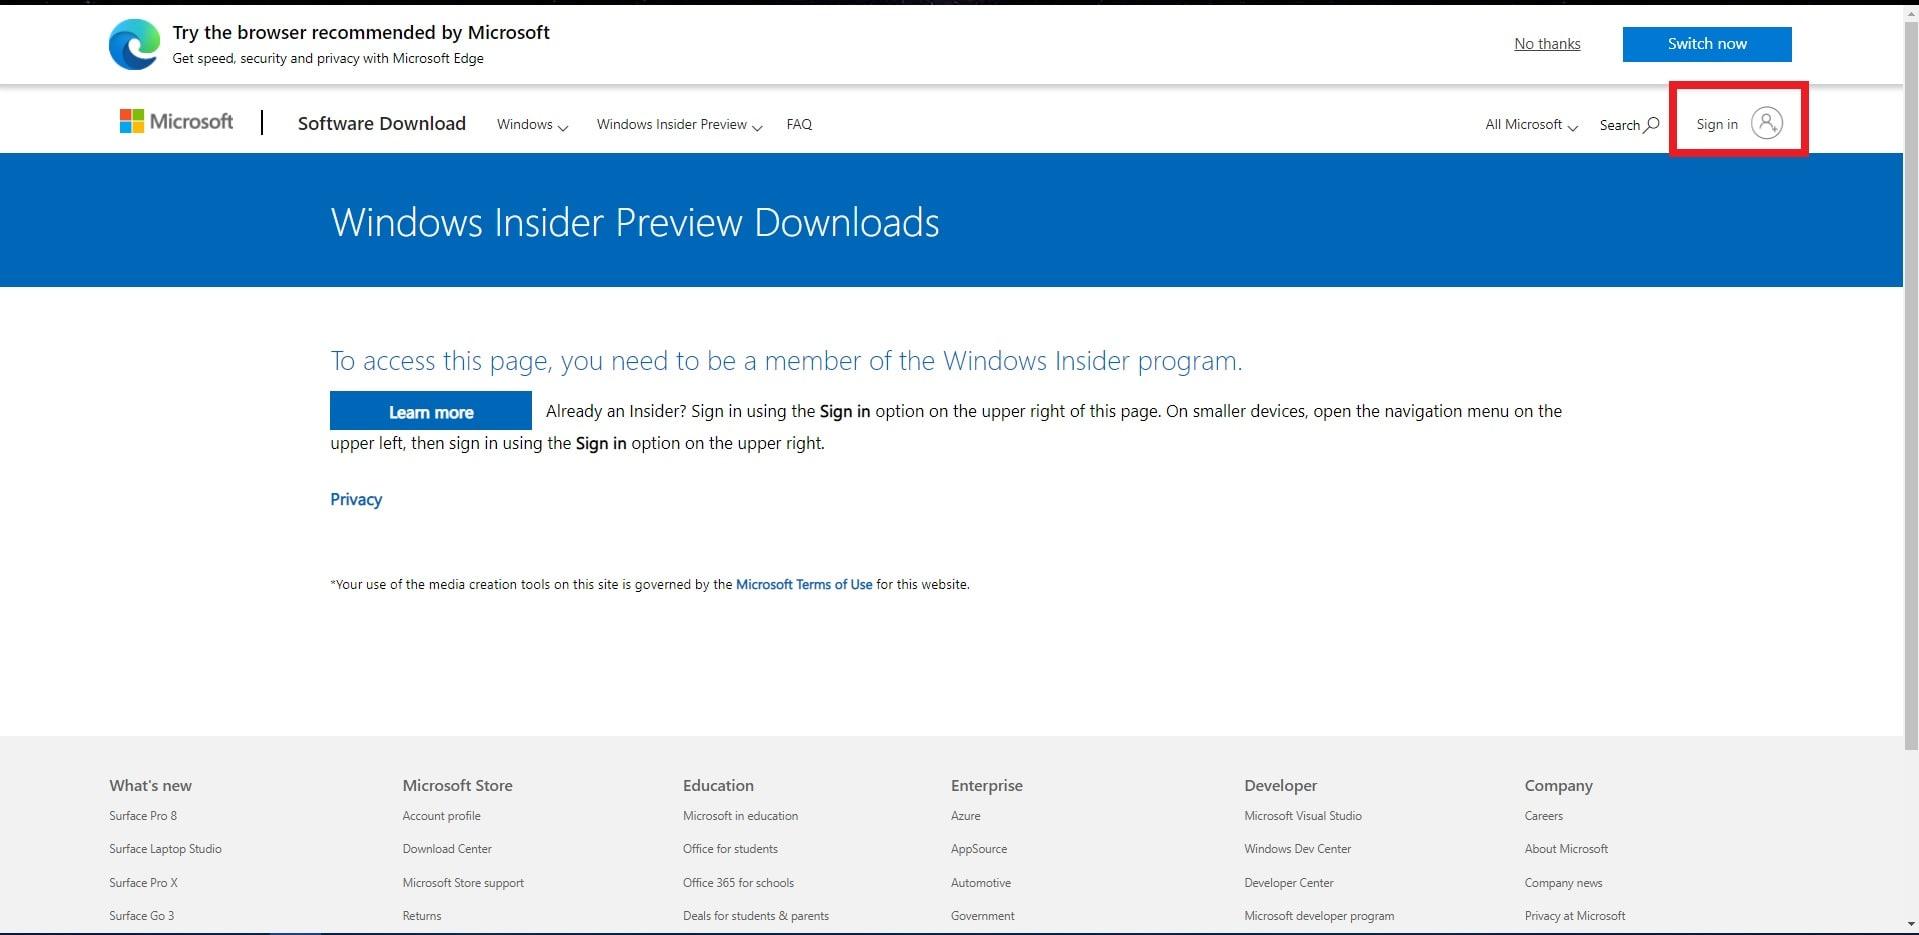 Windows 11 Insider Previewのイメージファイルを配布する公式サイト